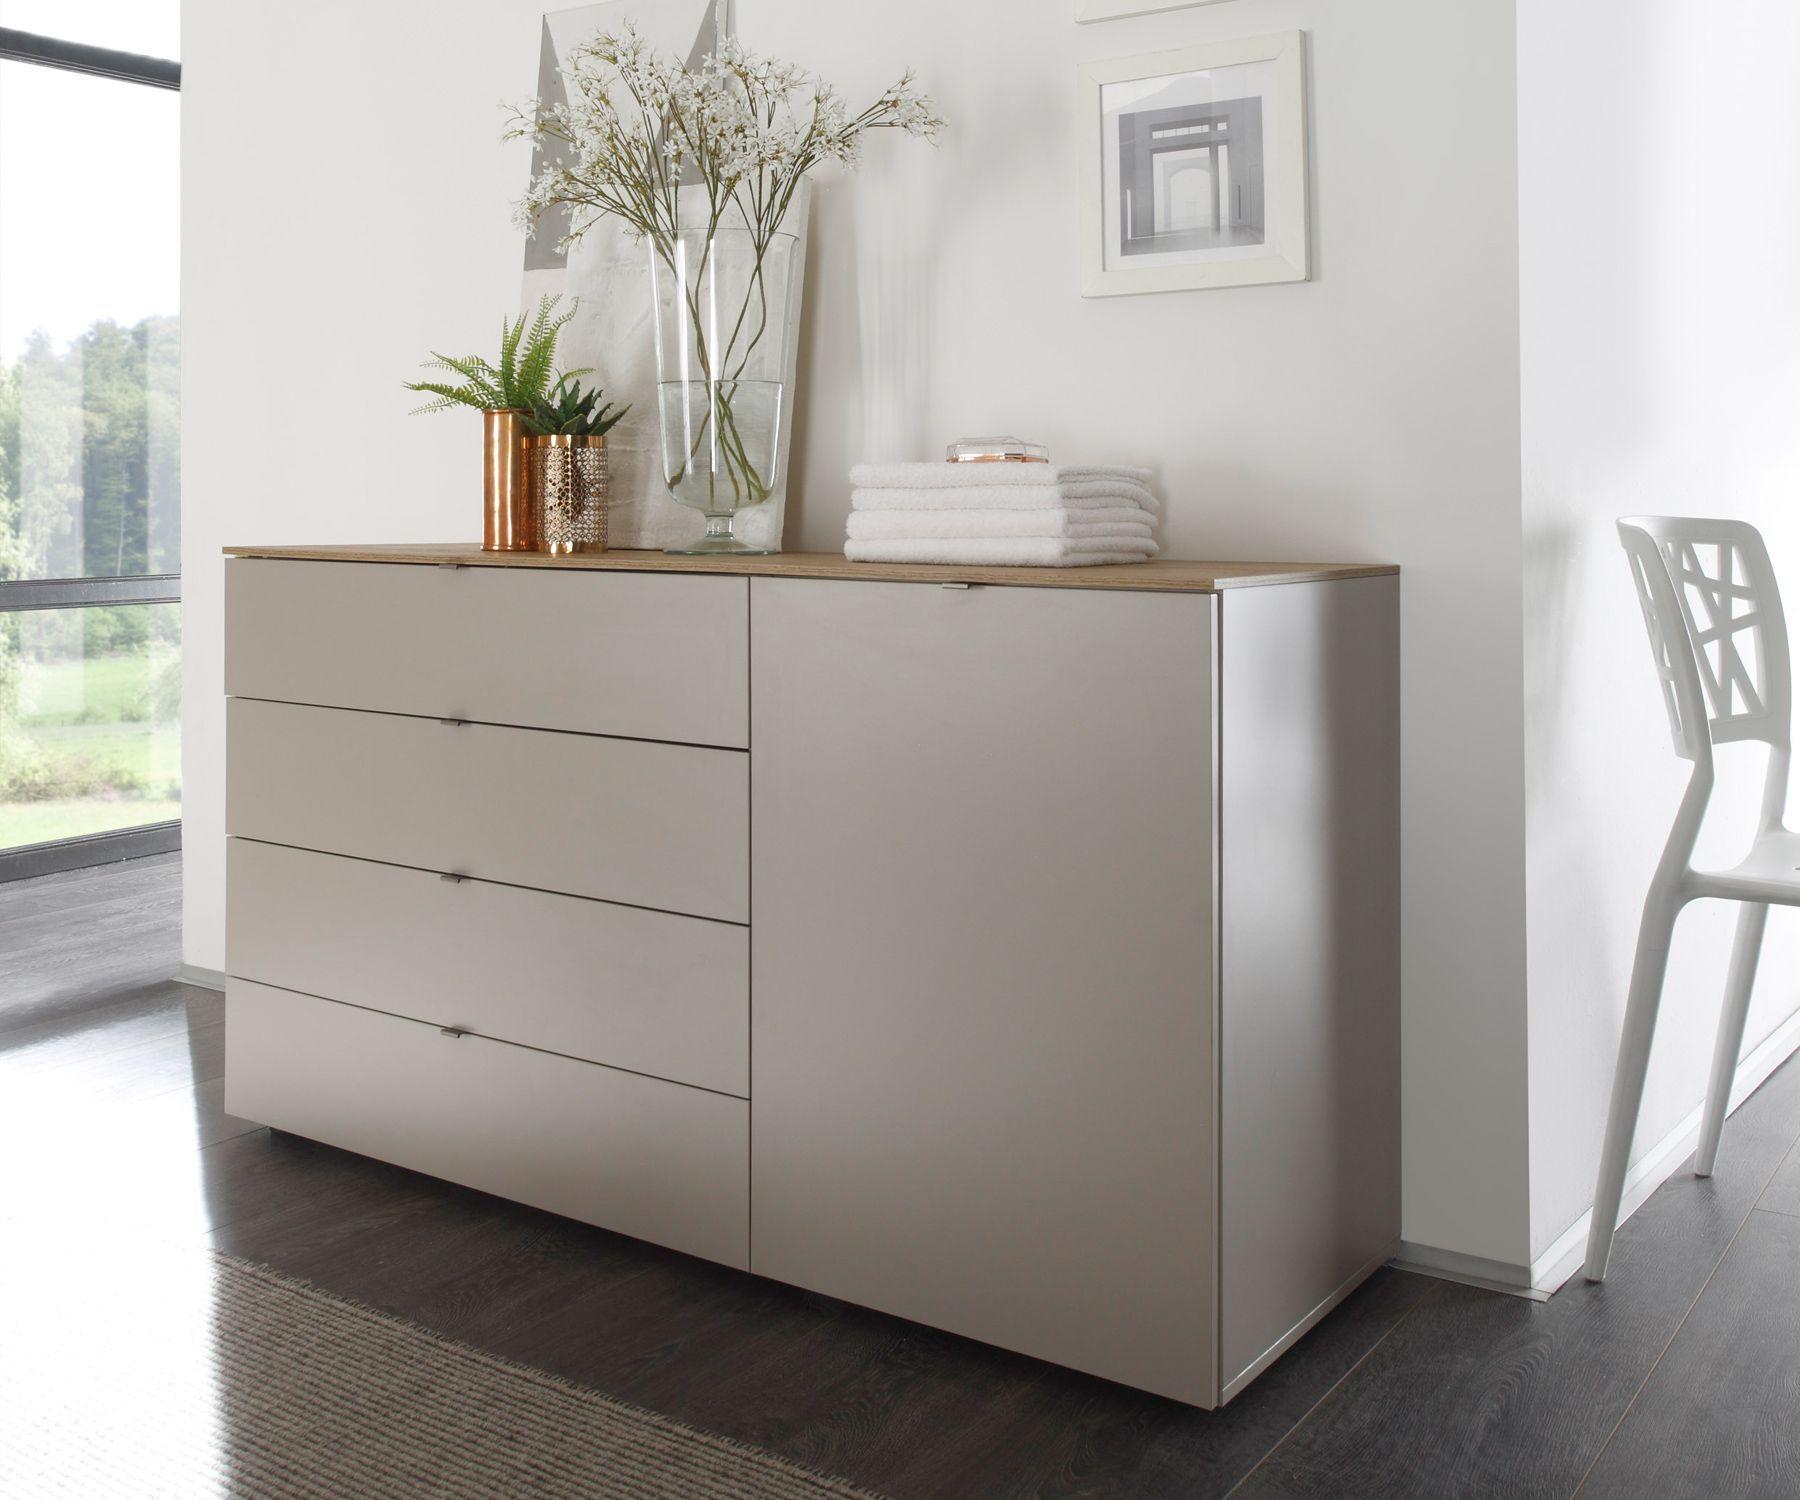 Schlafzimmer Kommode Home Decor Furniture Kitchen Cupboard Handles